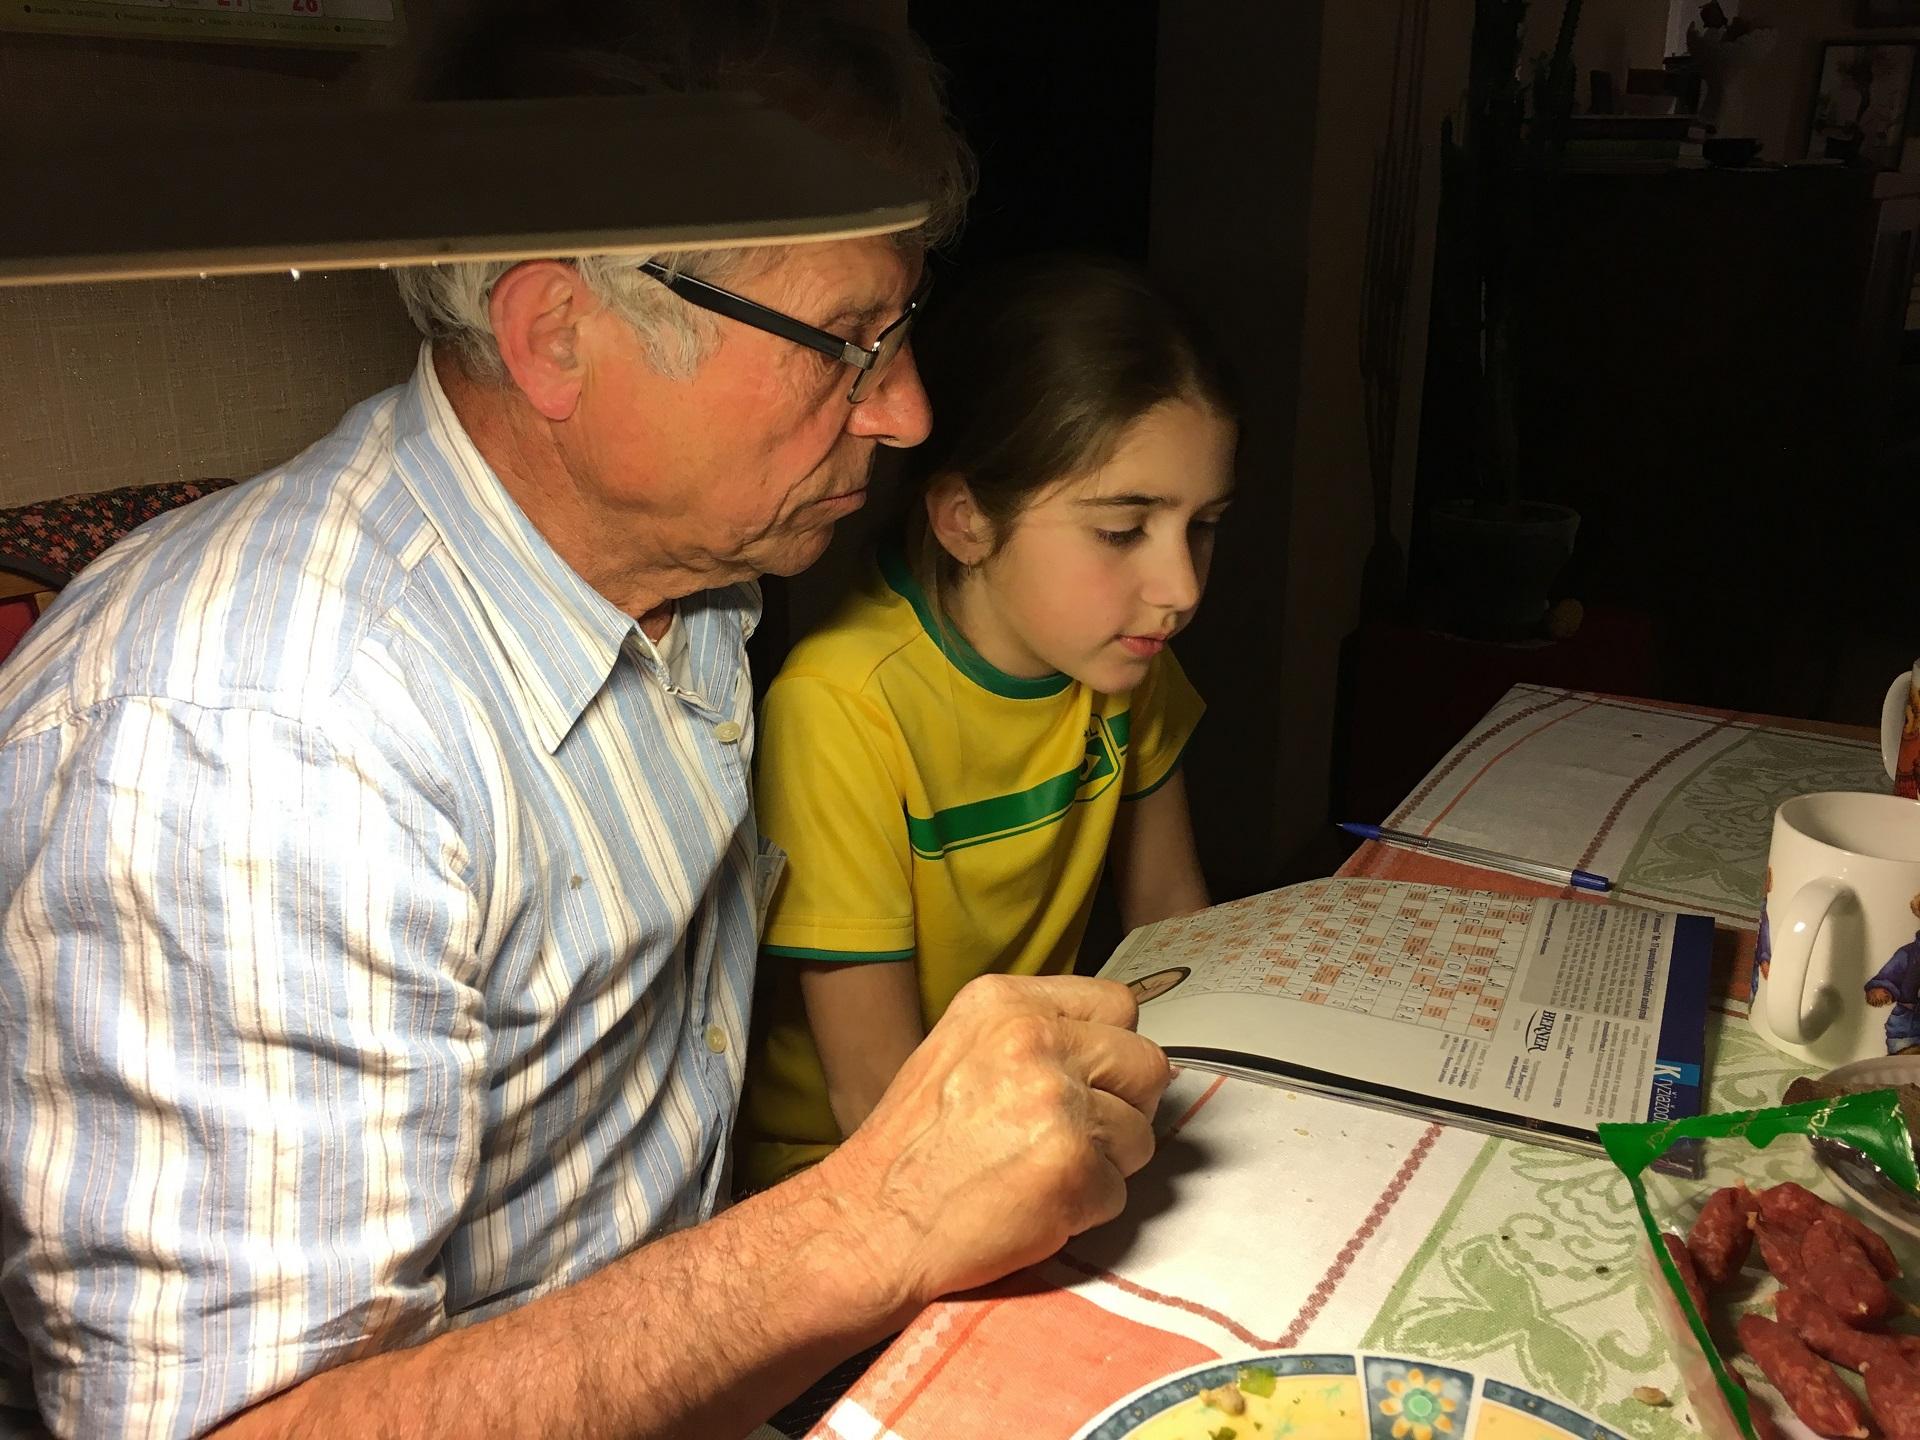 Kai gyvenimas nugyventas teisingai, prioritetai išdėlioti tinkamai – vyresniame amžiuje sulauki daug privalumų – vaikų ir anūkų dėmesys, meilė, pagalba svarbi dedamoji laimės dalis. Asmeninio archyvo nuotr.